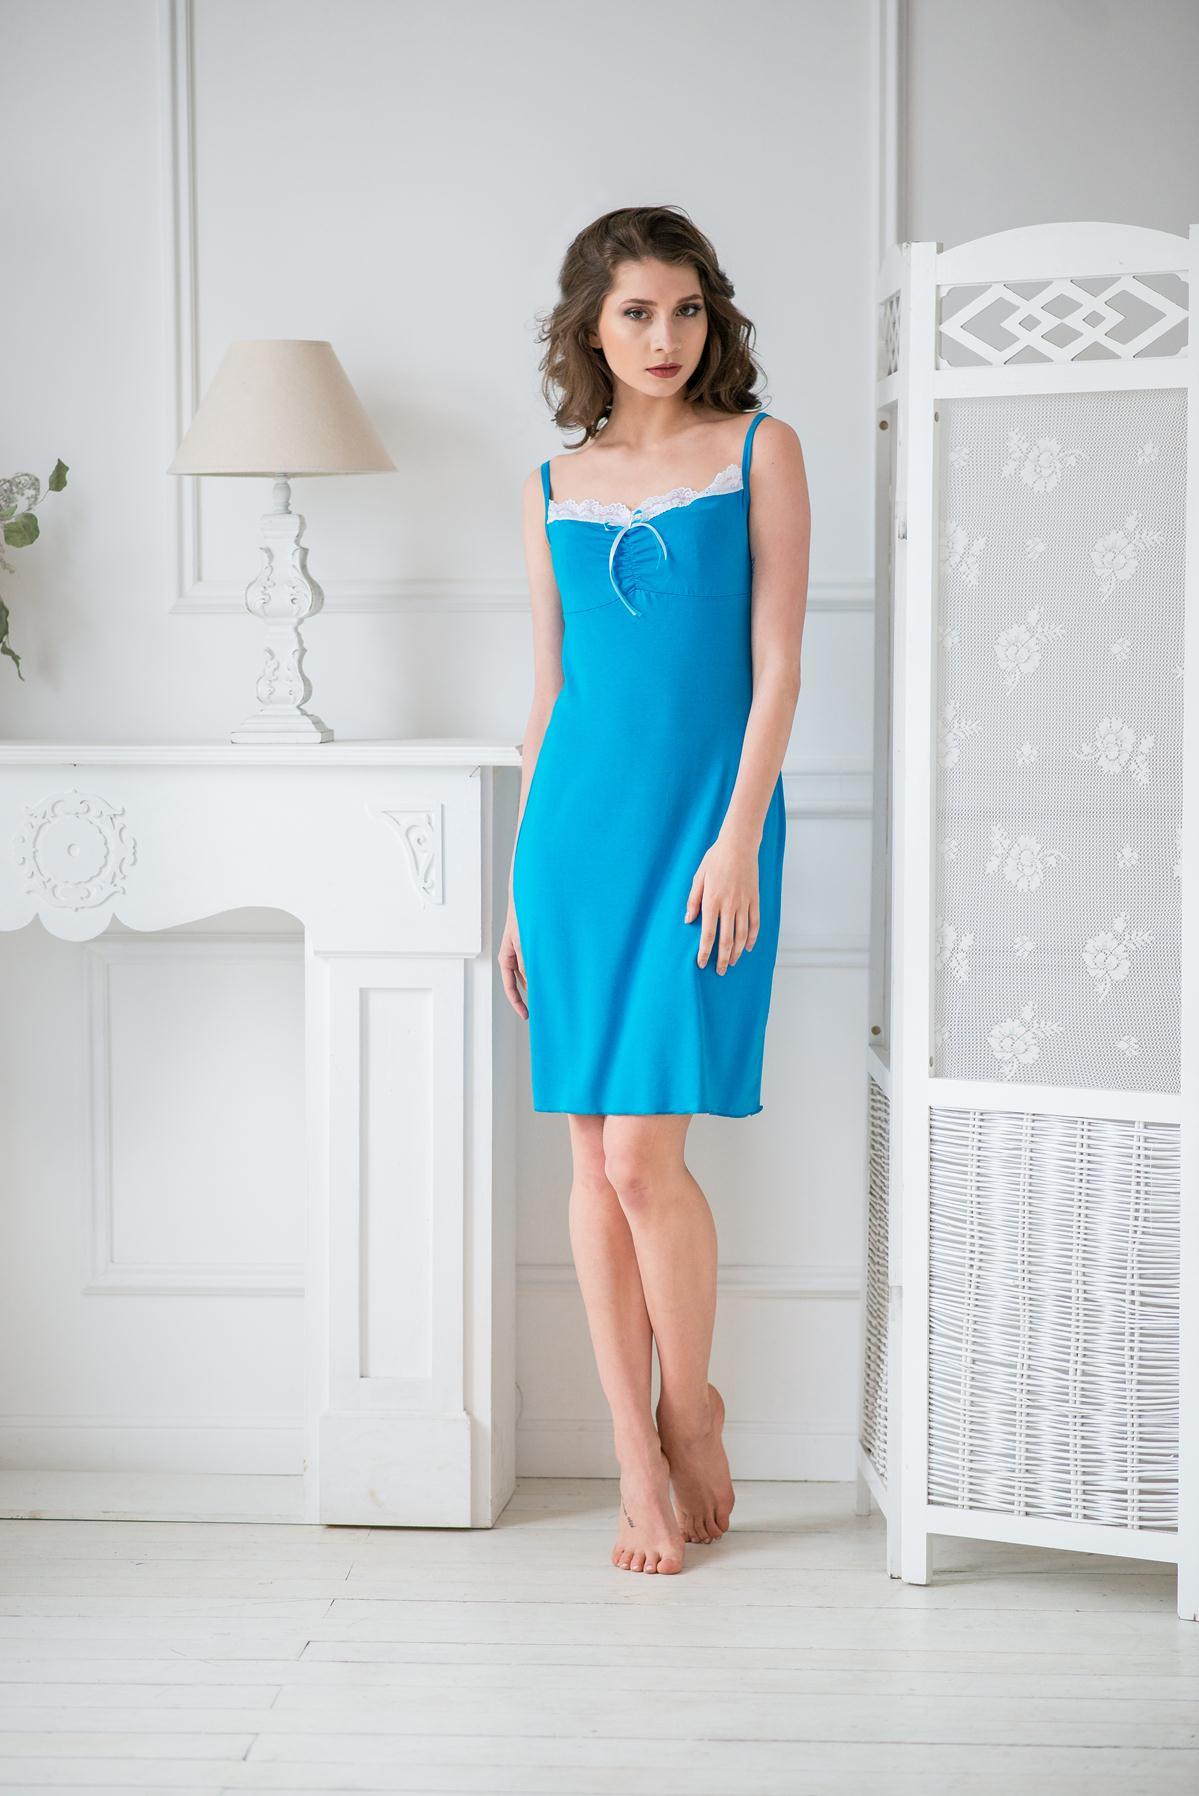 Жен. сорочка арт. 19-0022 Бирюзовый р. 44Ночные сорочки<br>Факт. ОГ: 72 см <br>Факт. ОТ: 82 см <br>Факт. ОБ: 90 см <br>Длина по спинке: 77 см<br><br>Тип: Жен. сорочка<br>Размер: 44<br>Материал: Вискоза